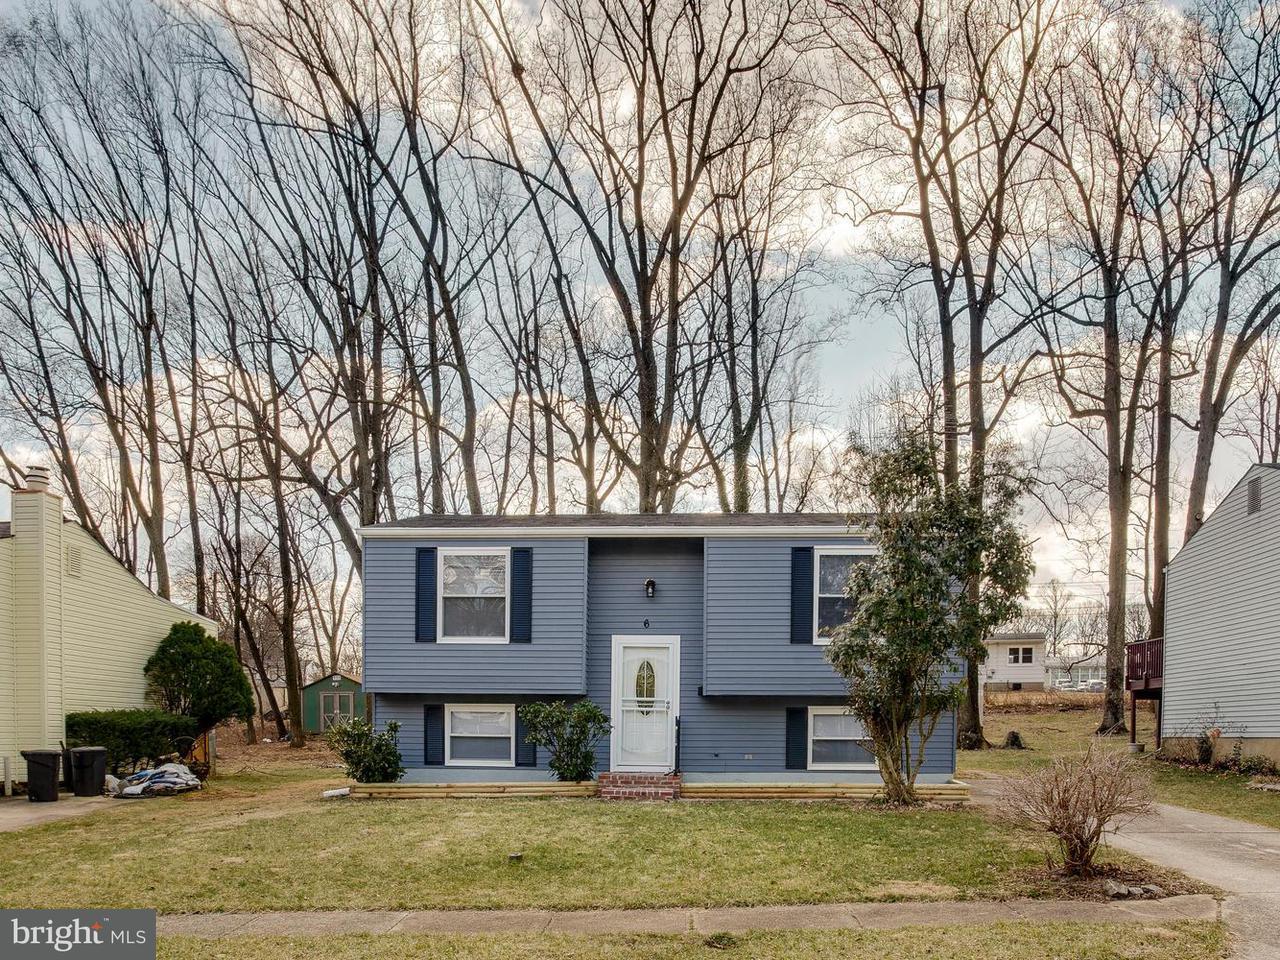 Single Family for Sale at 6 Garobe Ct Gwynn Oak, Maryland 21207 United States